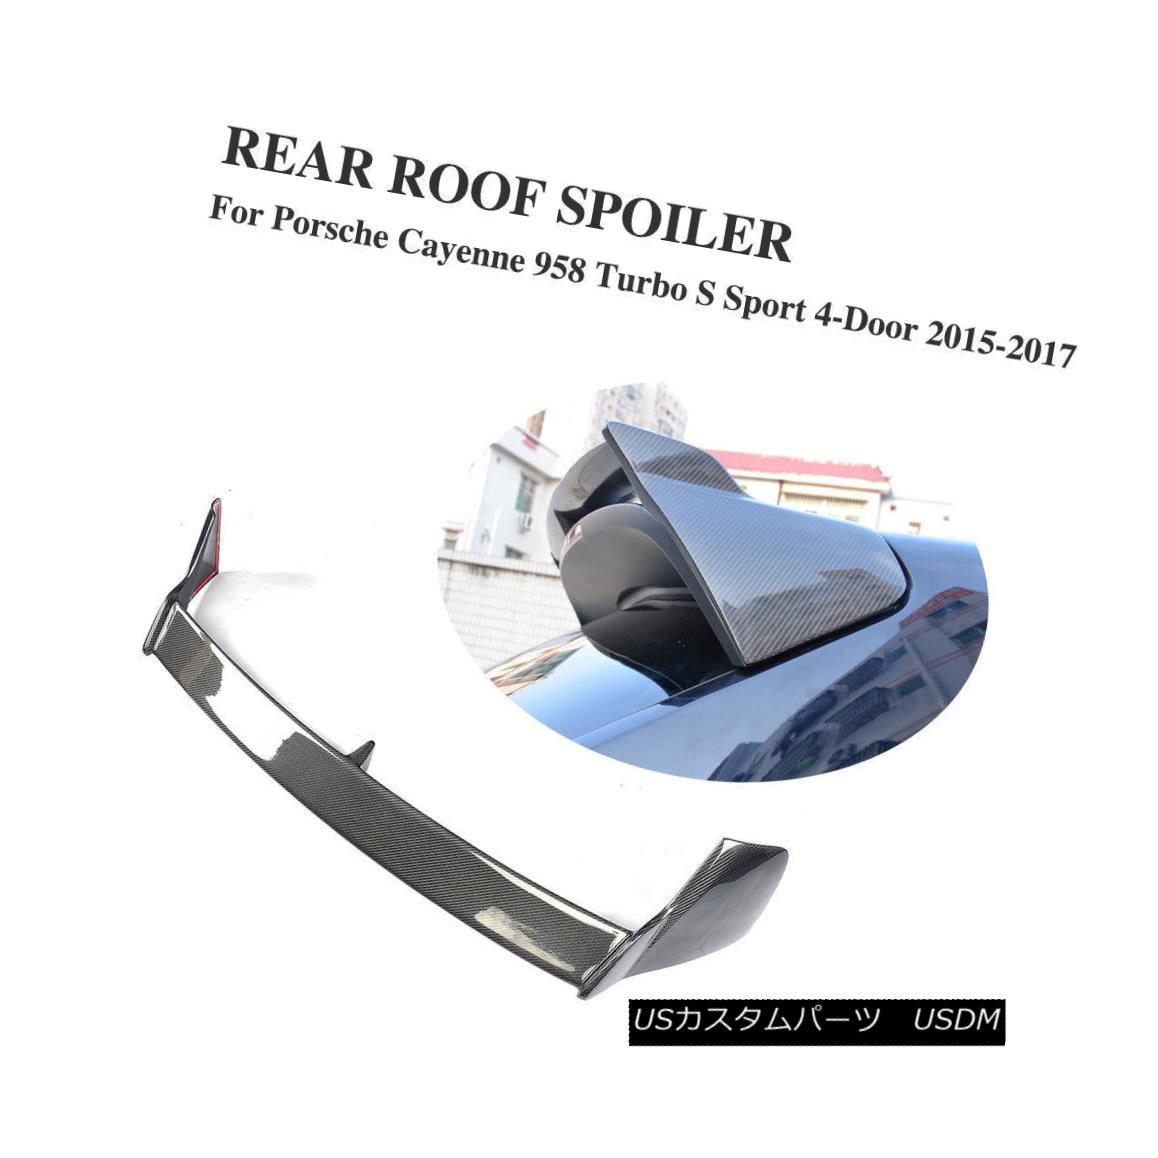 エアロパーツ Carbon Fiber Rear Roof Spolier Boot Wing For Porsche Cayenne 958 4-Door 2015-17 ポルシェカイエン958 4ドア2015-17のための炭素繊維のリア屋根スポイラーブーツウィング